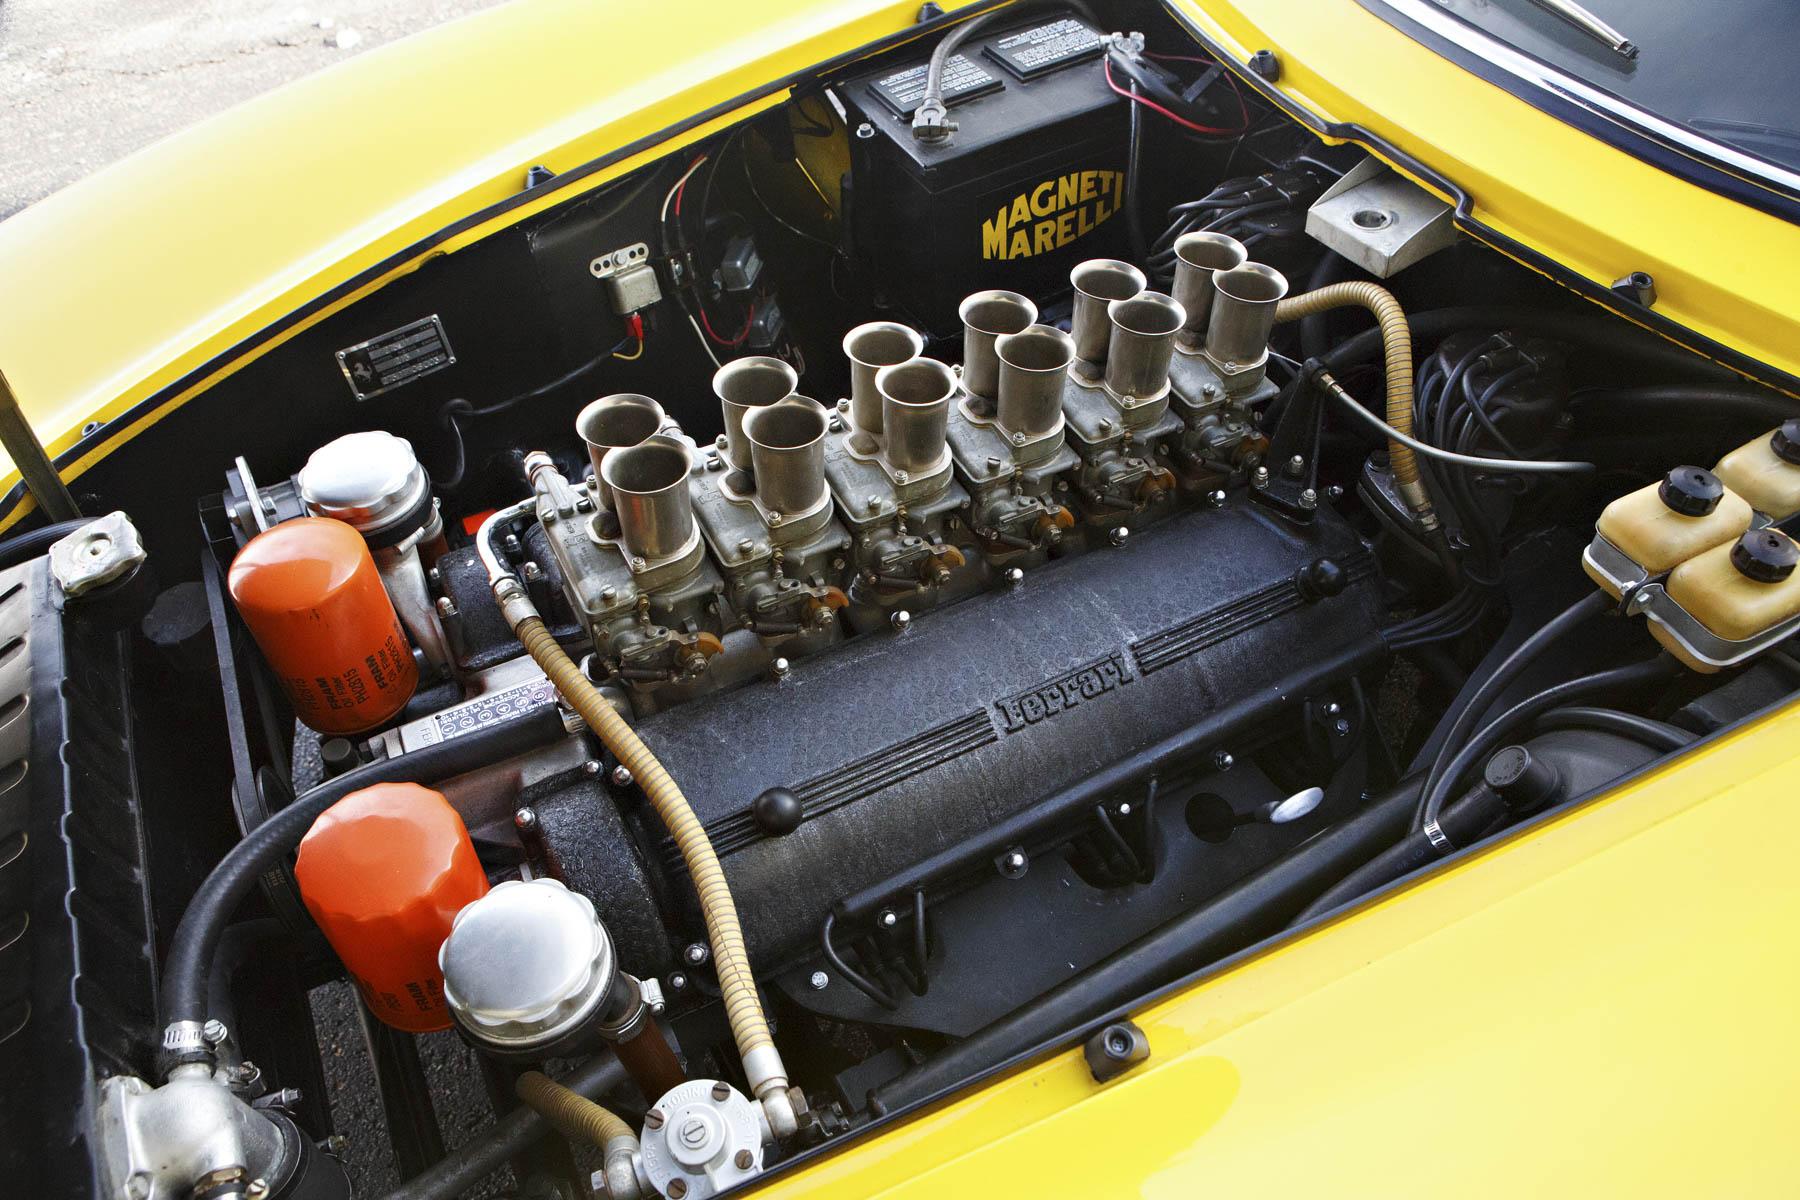 1964 Ferrari 275 GTB Prototype engine